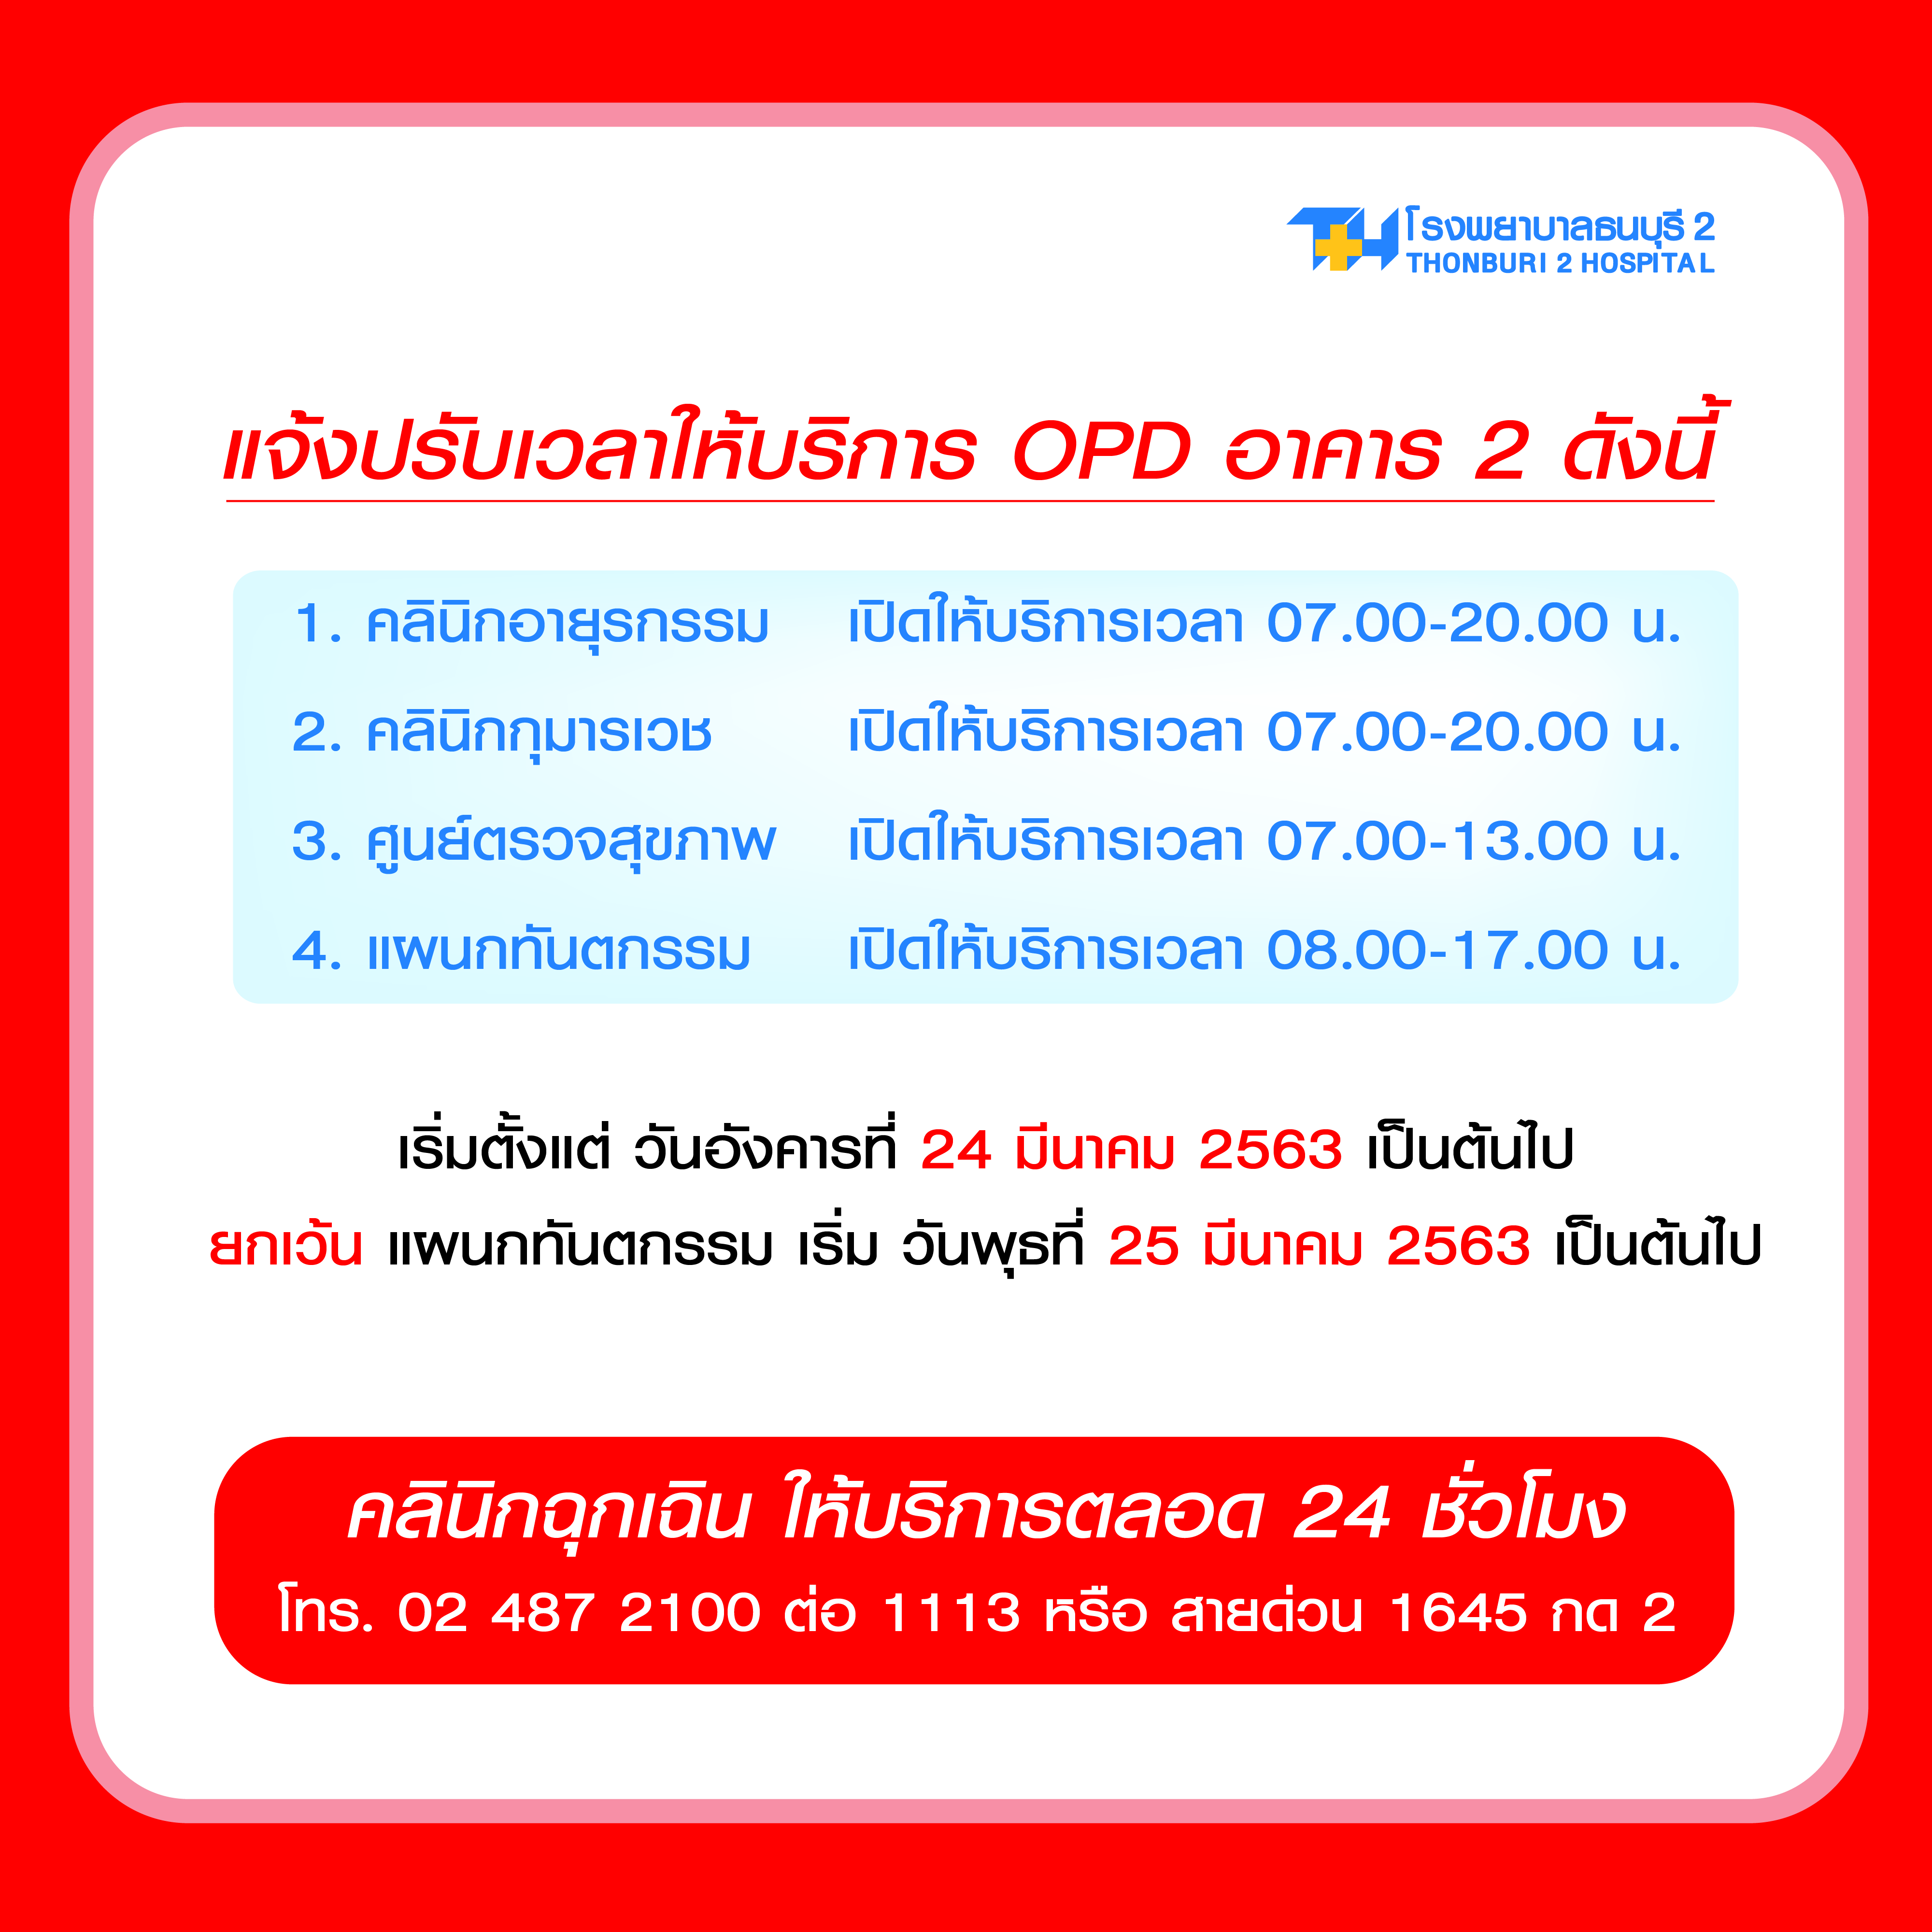 เปลี่ยนแปลงช่วงเวลาเปิด-ปิด ของคลินิกเพื่อลดความเสี่ยงการแพร่ระบาดของโรค - โรงพยาบาลธนบุรี  2 (Thonburi 2 Hospital)